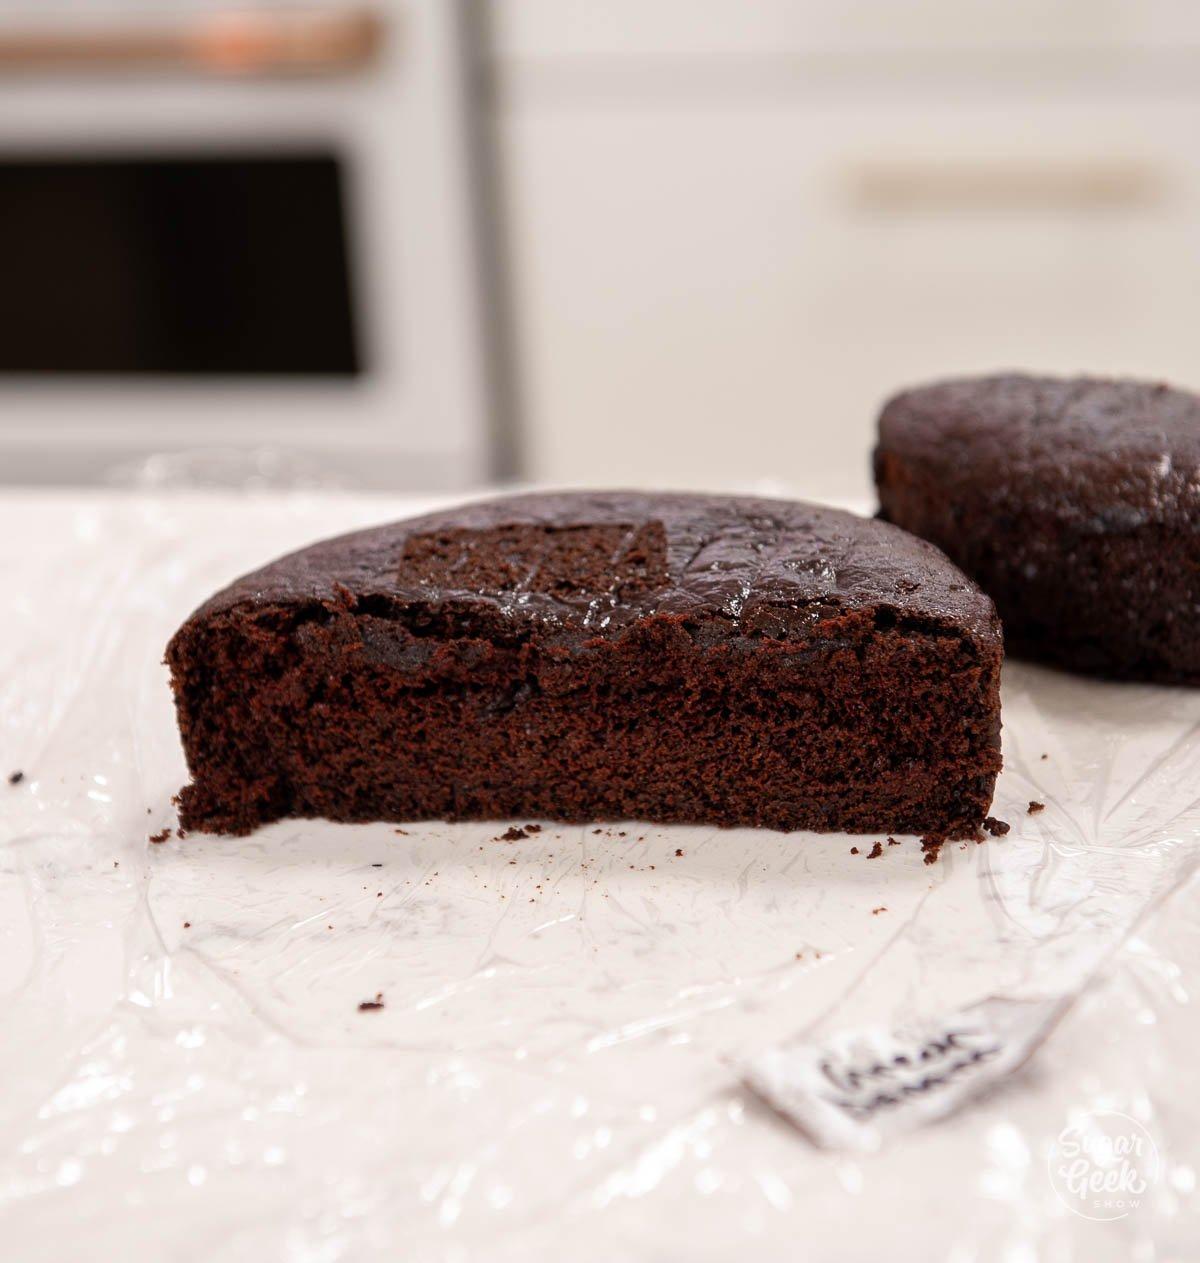 chocolate cake cut in half